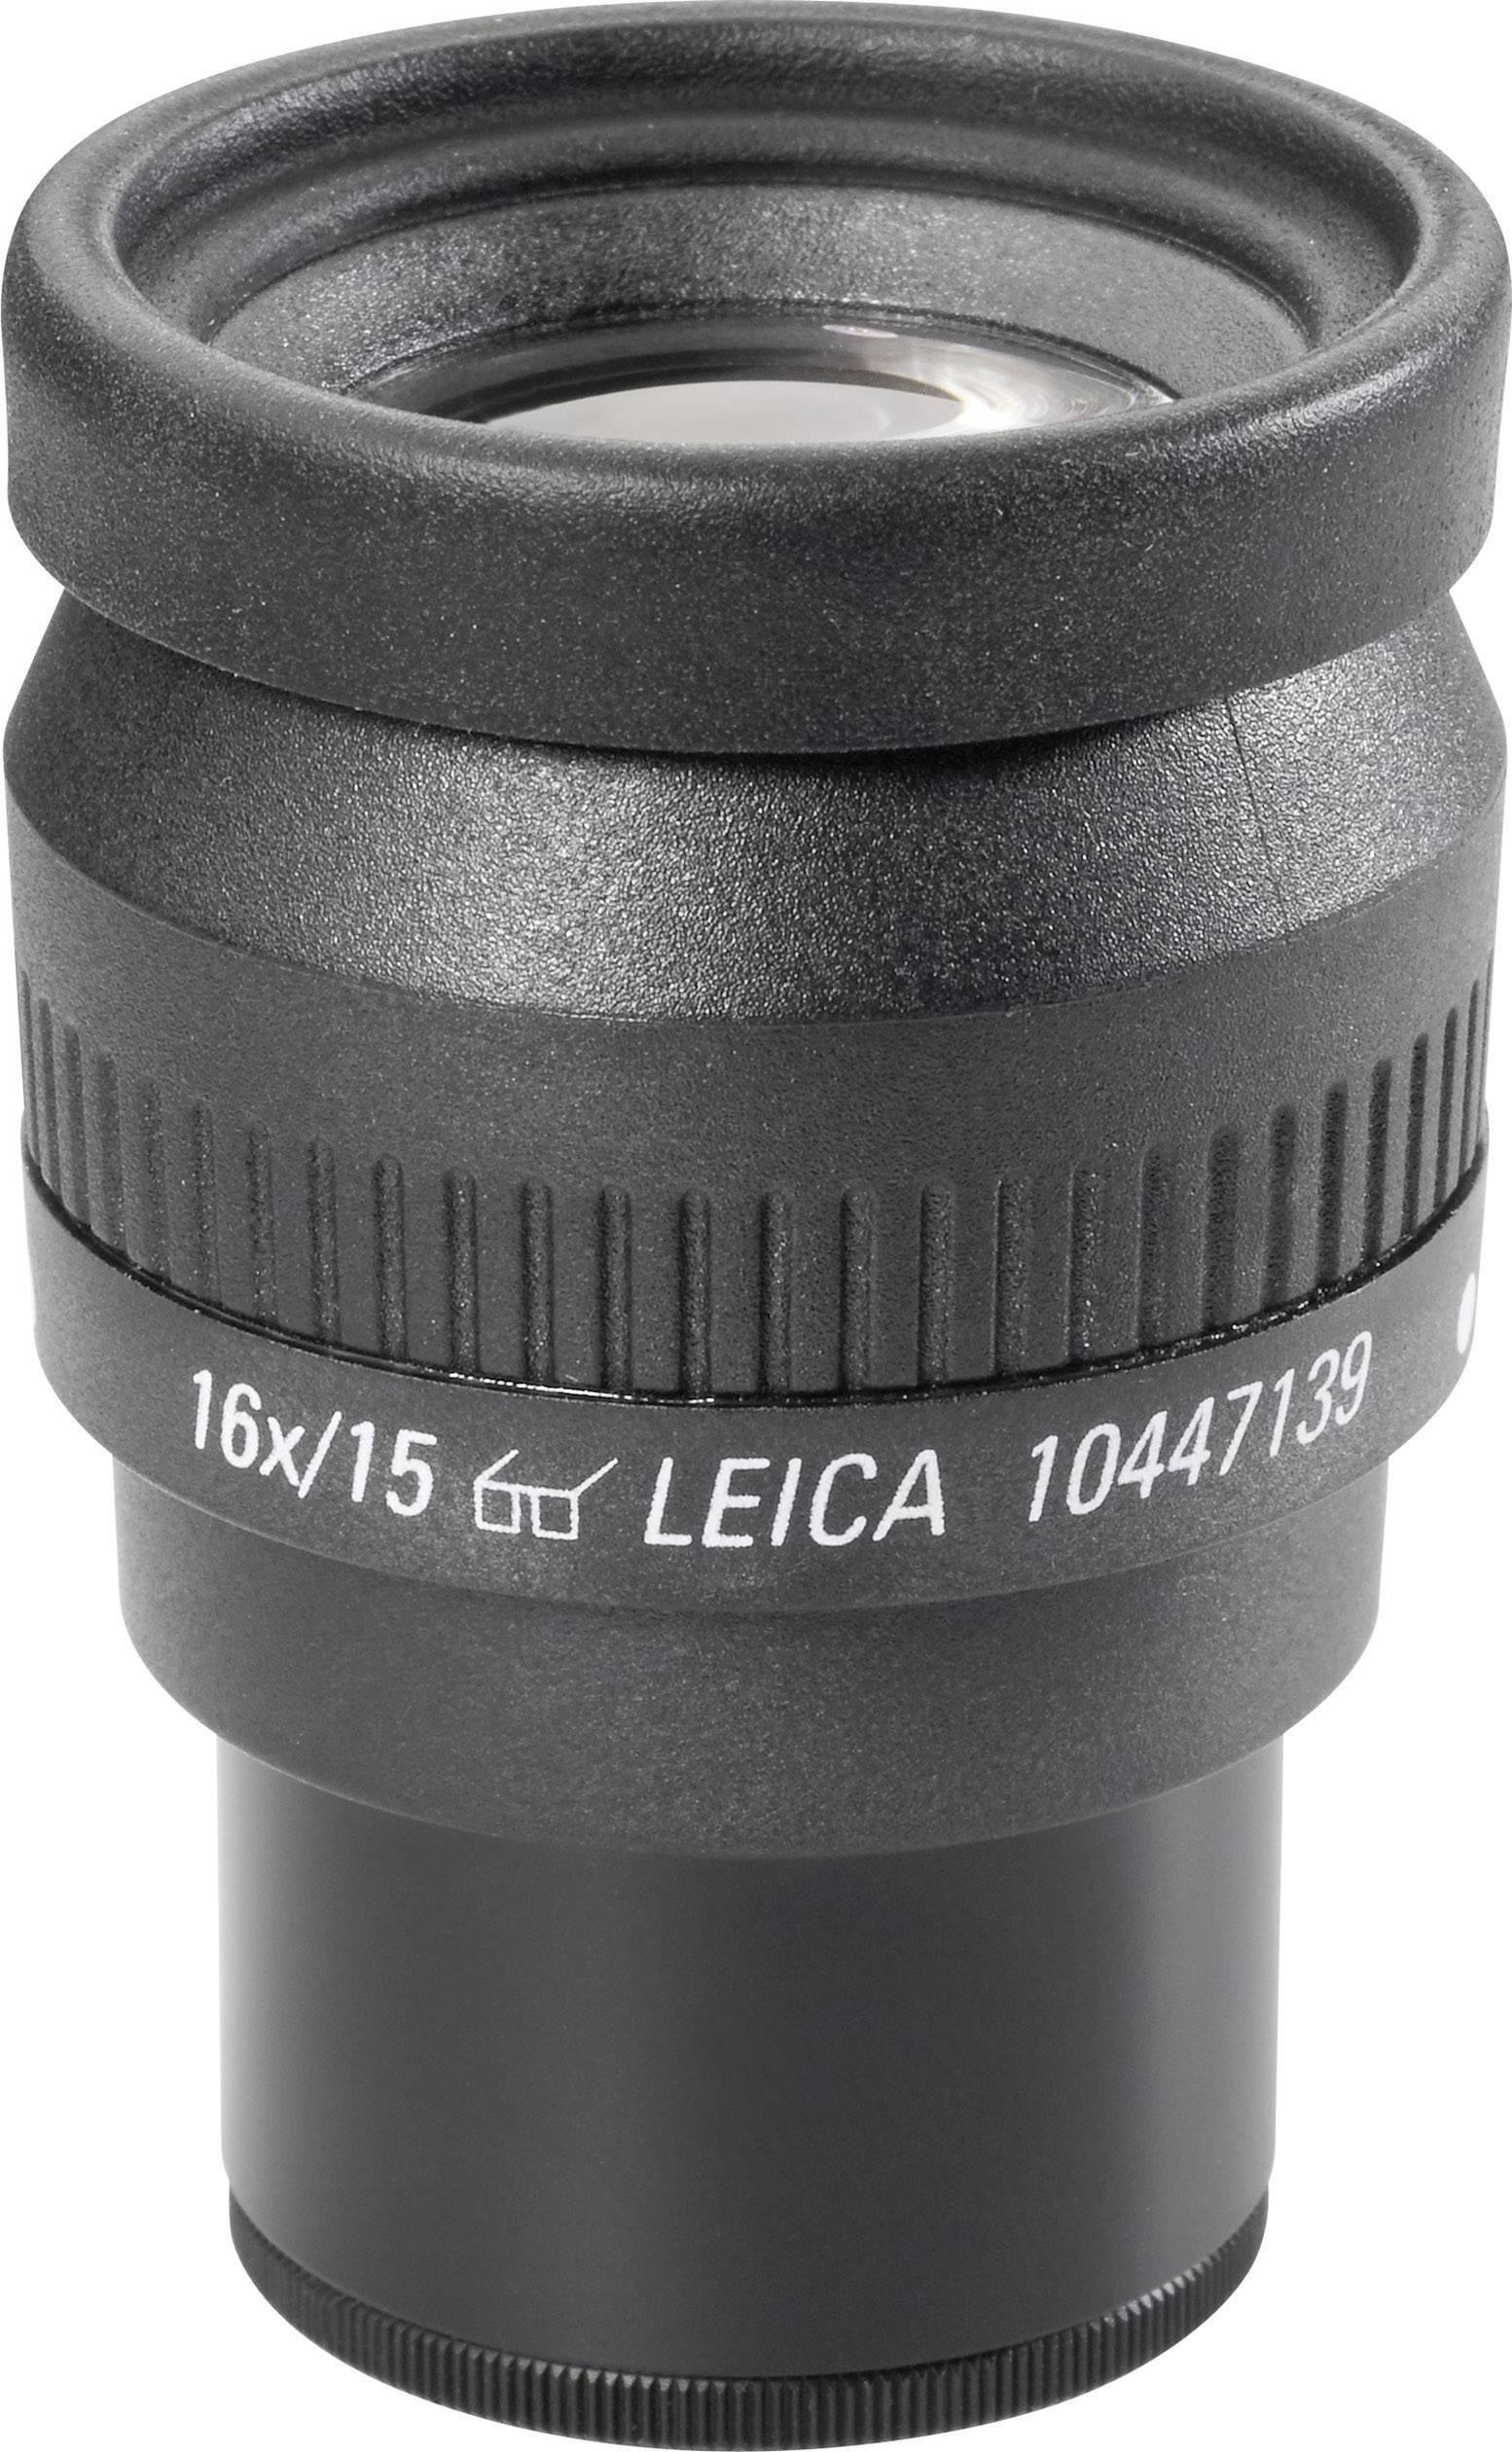 Okuláre 10X/20B Leica Microsystems, nastaviteľné pre osoby nosiace okuliare, 10447280